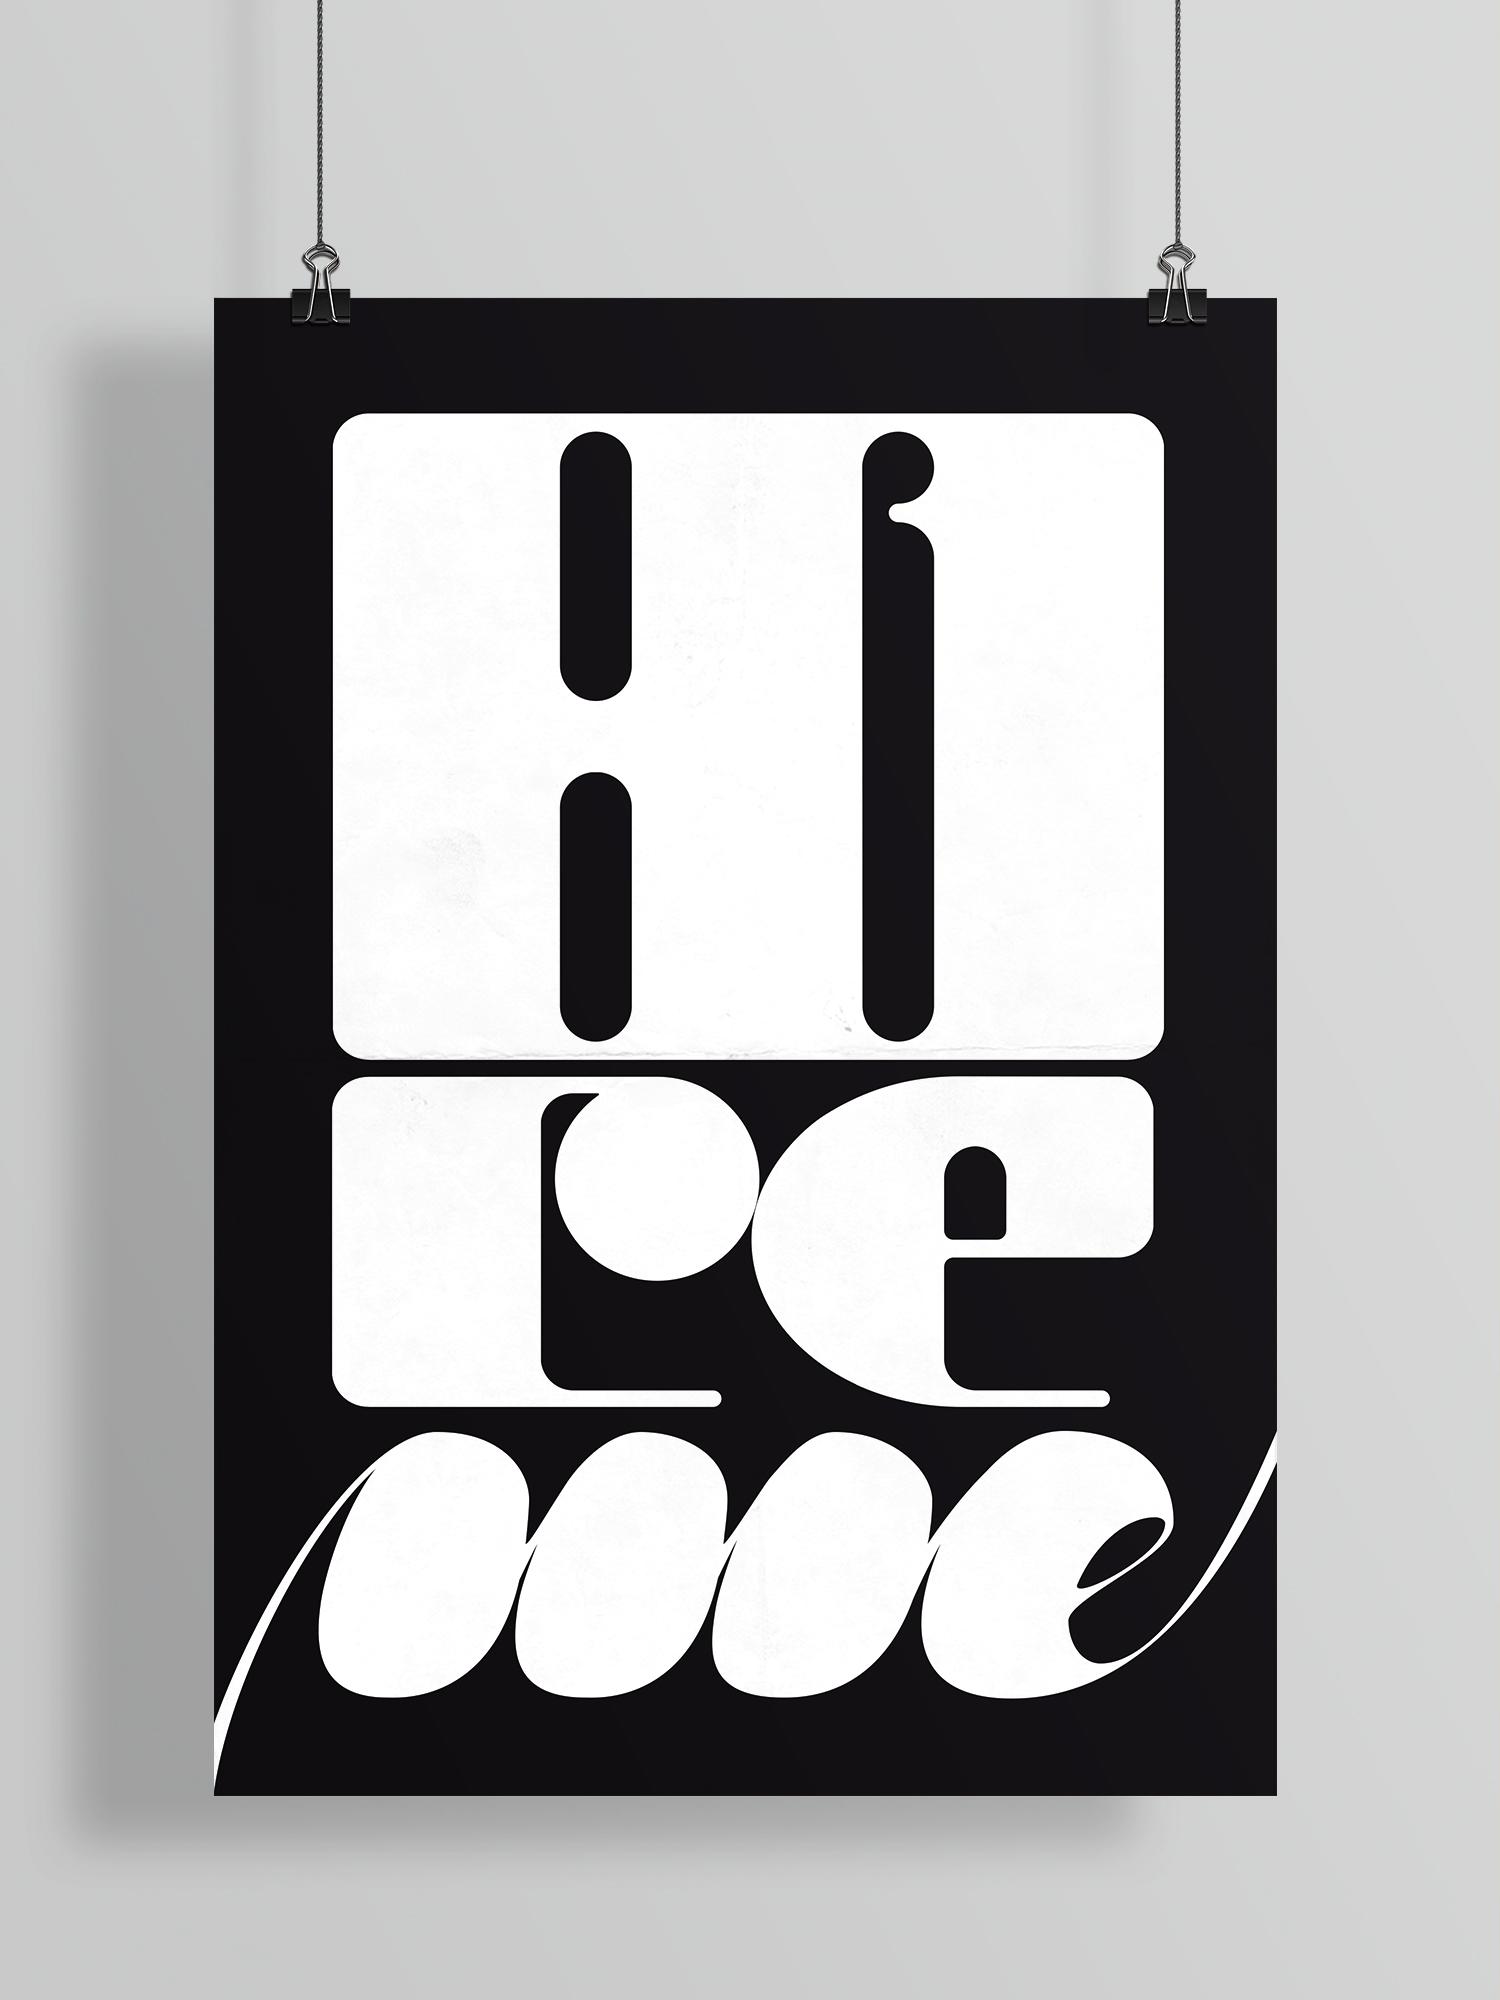 Hire_mecc